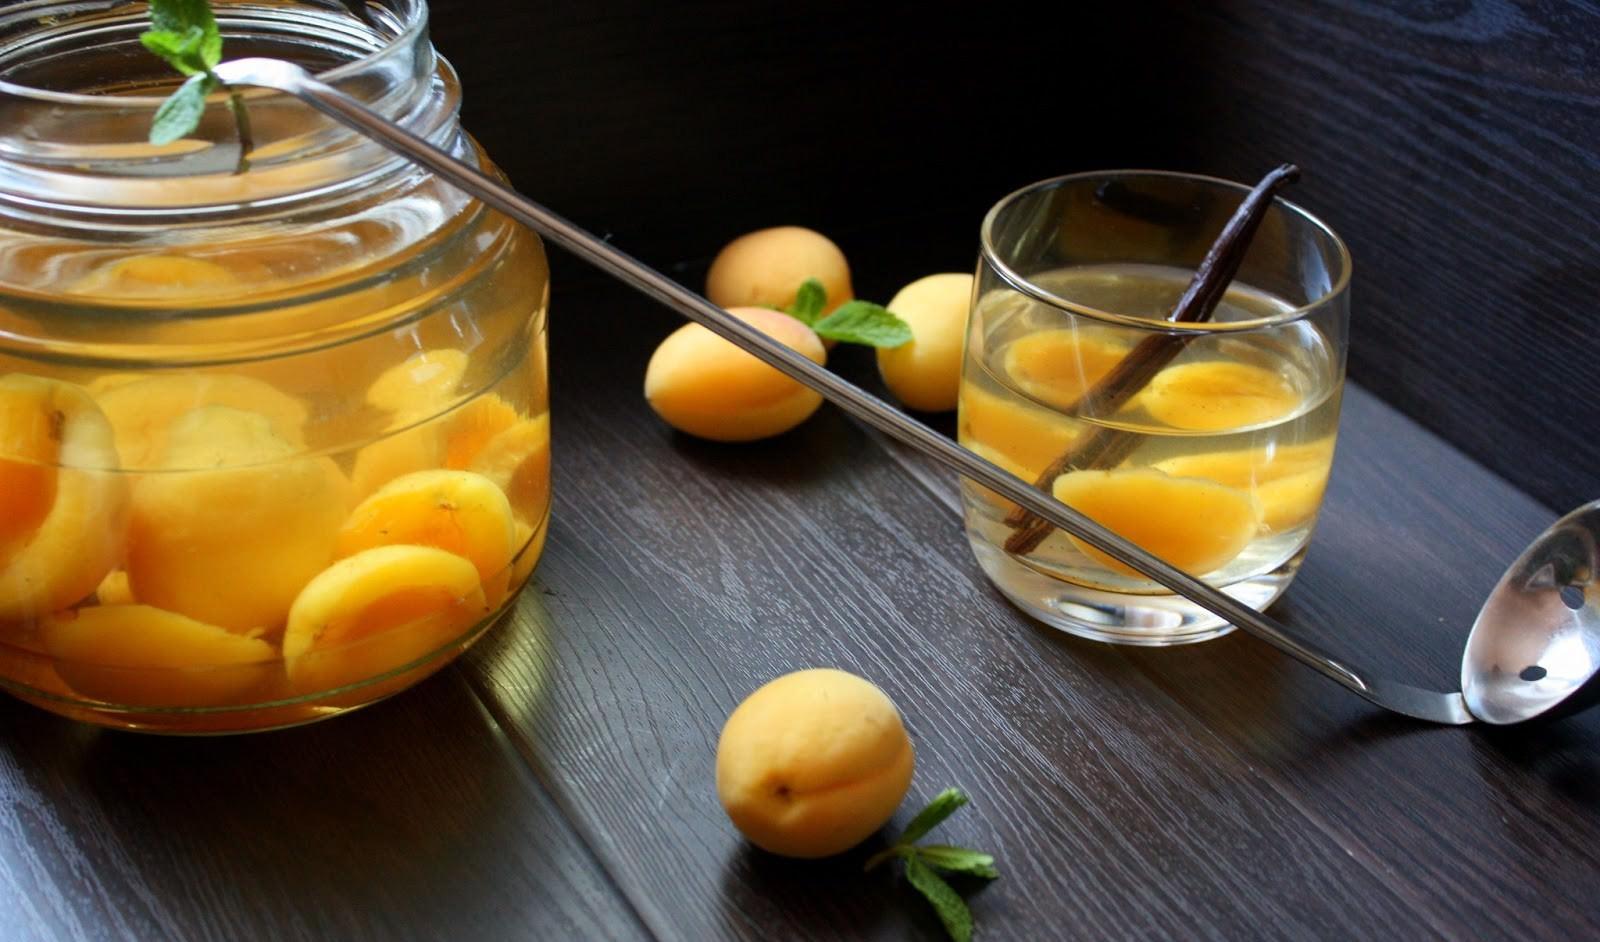 Лимоны с сахаром в банке: польза и вред, рецепты, правила употребления